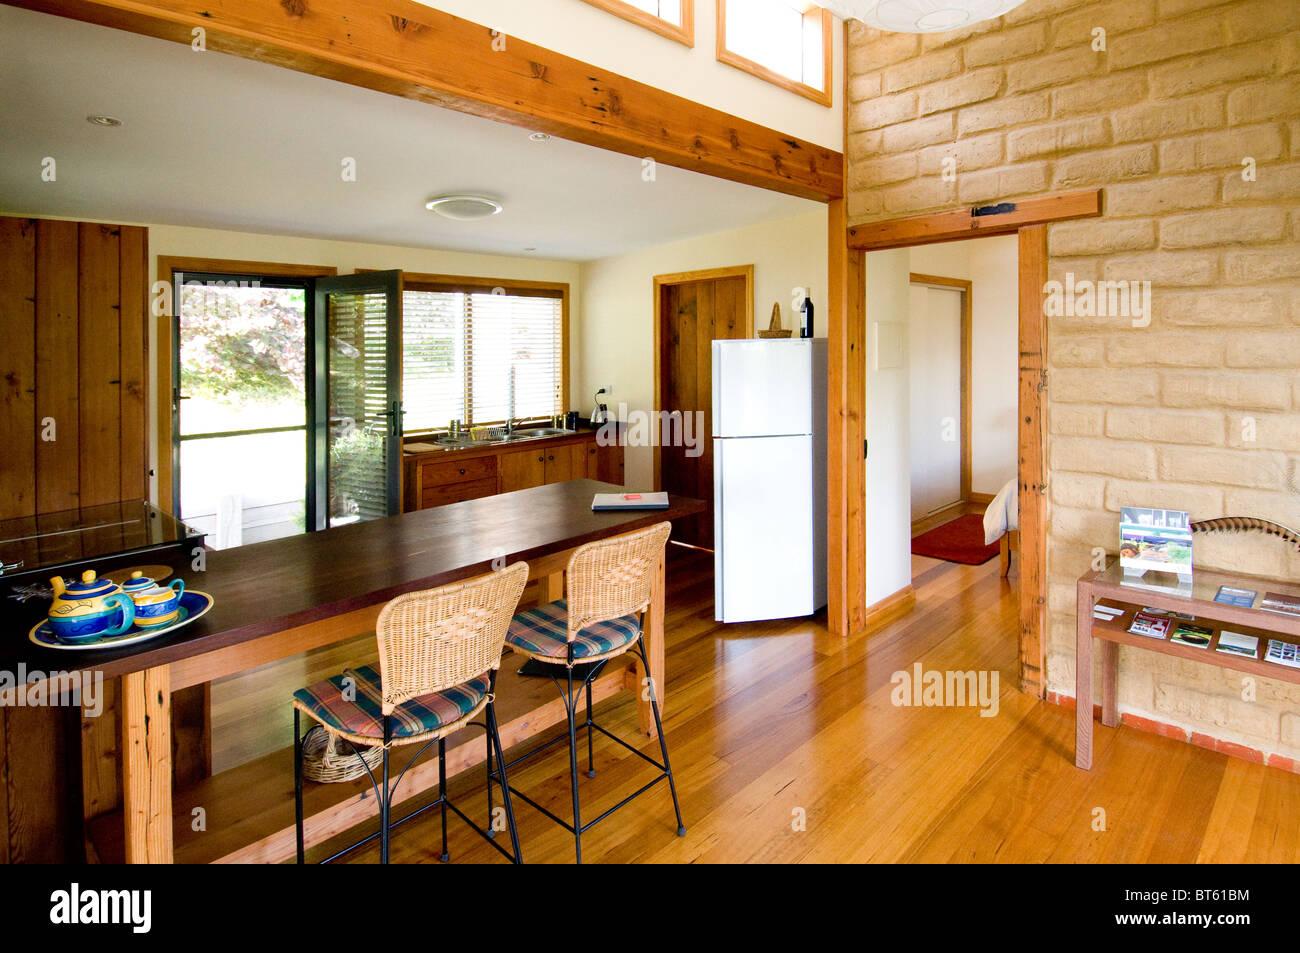 https://c8.alamy.com/compfr/bt61bm/melbourne-australie-du-sud-australie-bungalow-interieur-sud-surface-habitable-de-larchitecture-lasie-larriere-plan-bambou-plage-lit-bt61bm.jpg